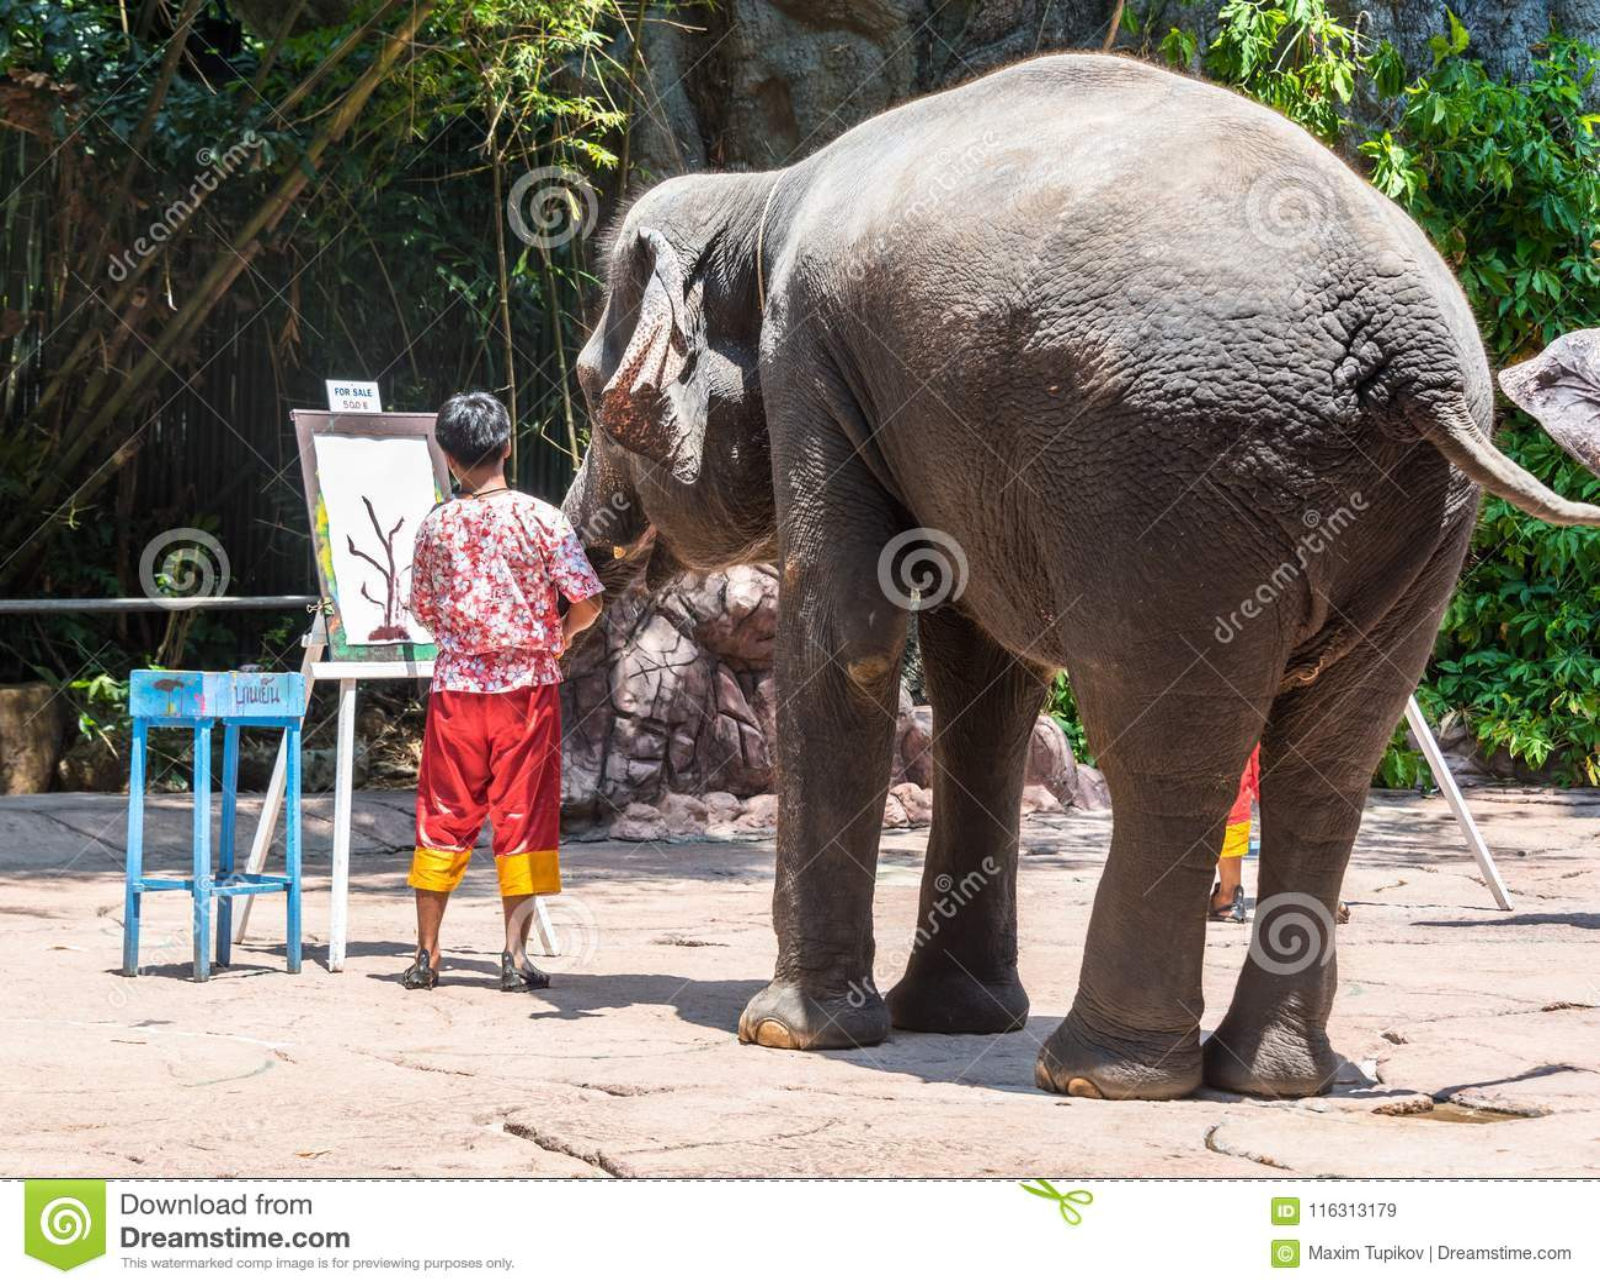 Elephant drawing at Safari World Park on March 31, 2015 in Bangkok, Thailand